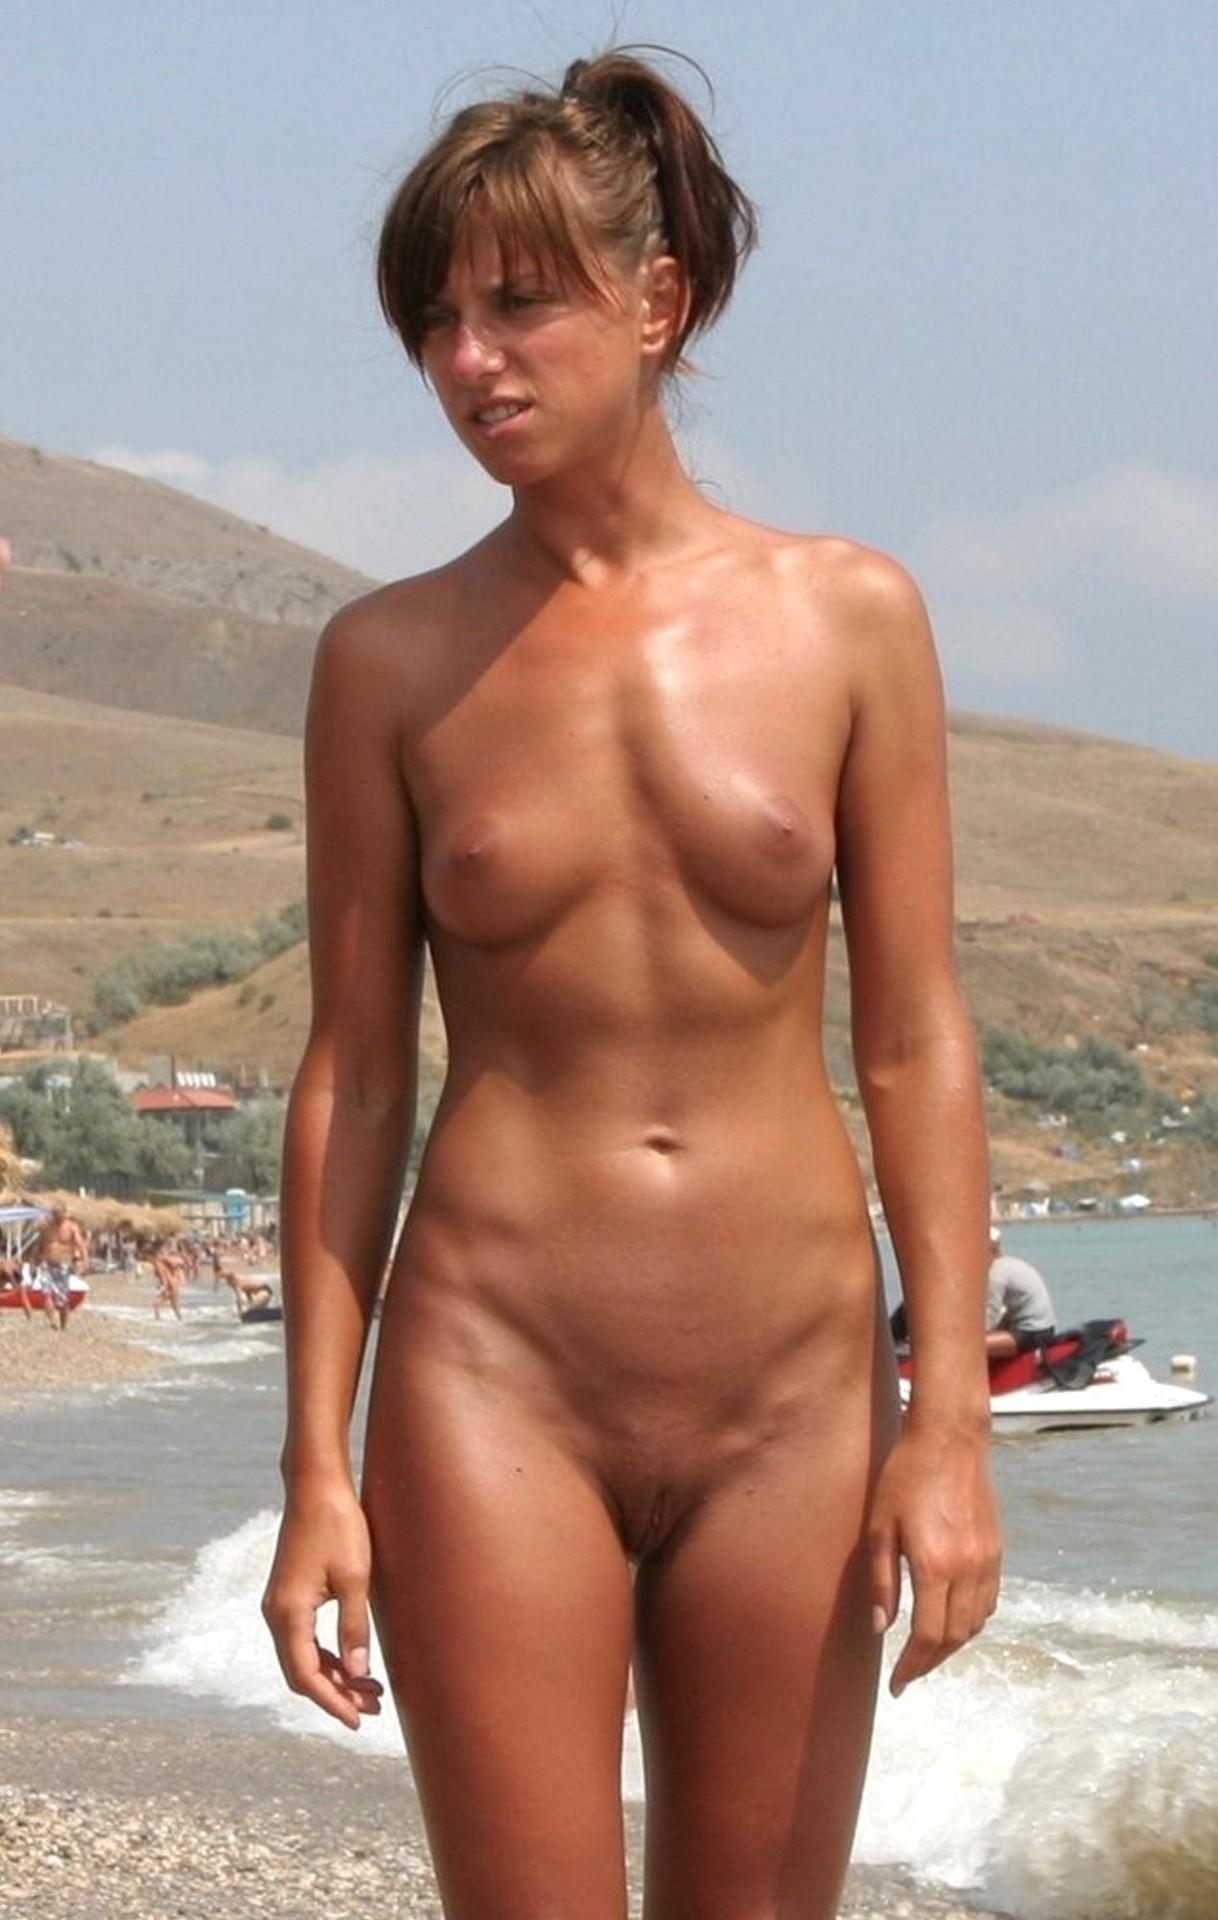 tumblr naked at beach